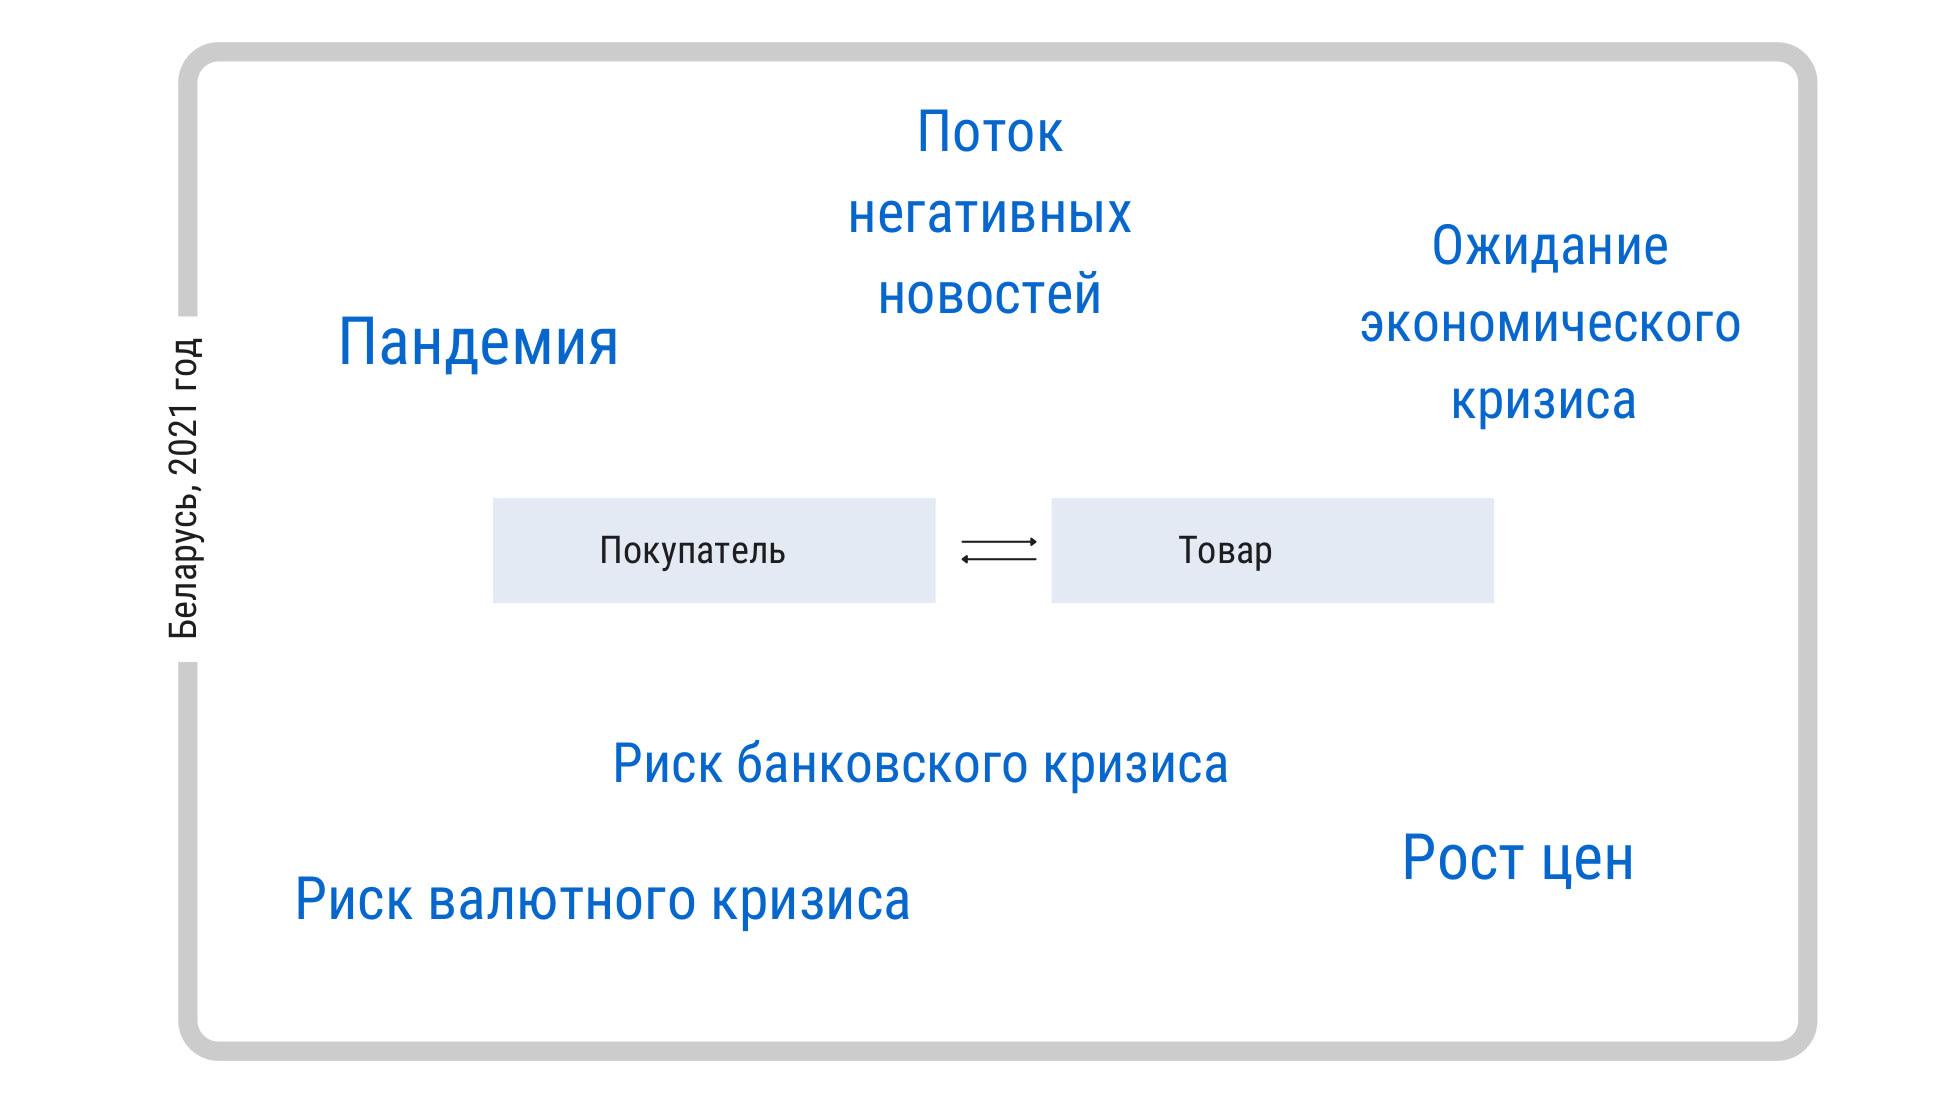 контекст поведения покупателей в Беларуси в 2021 году